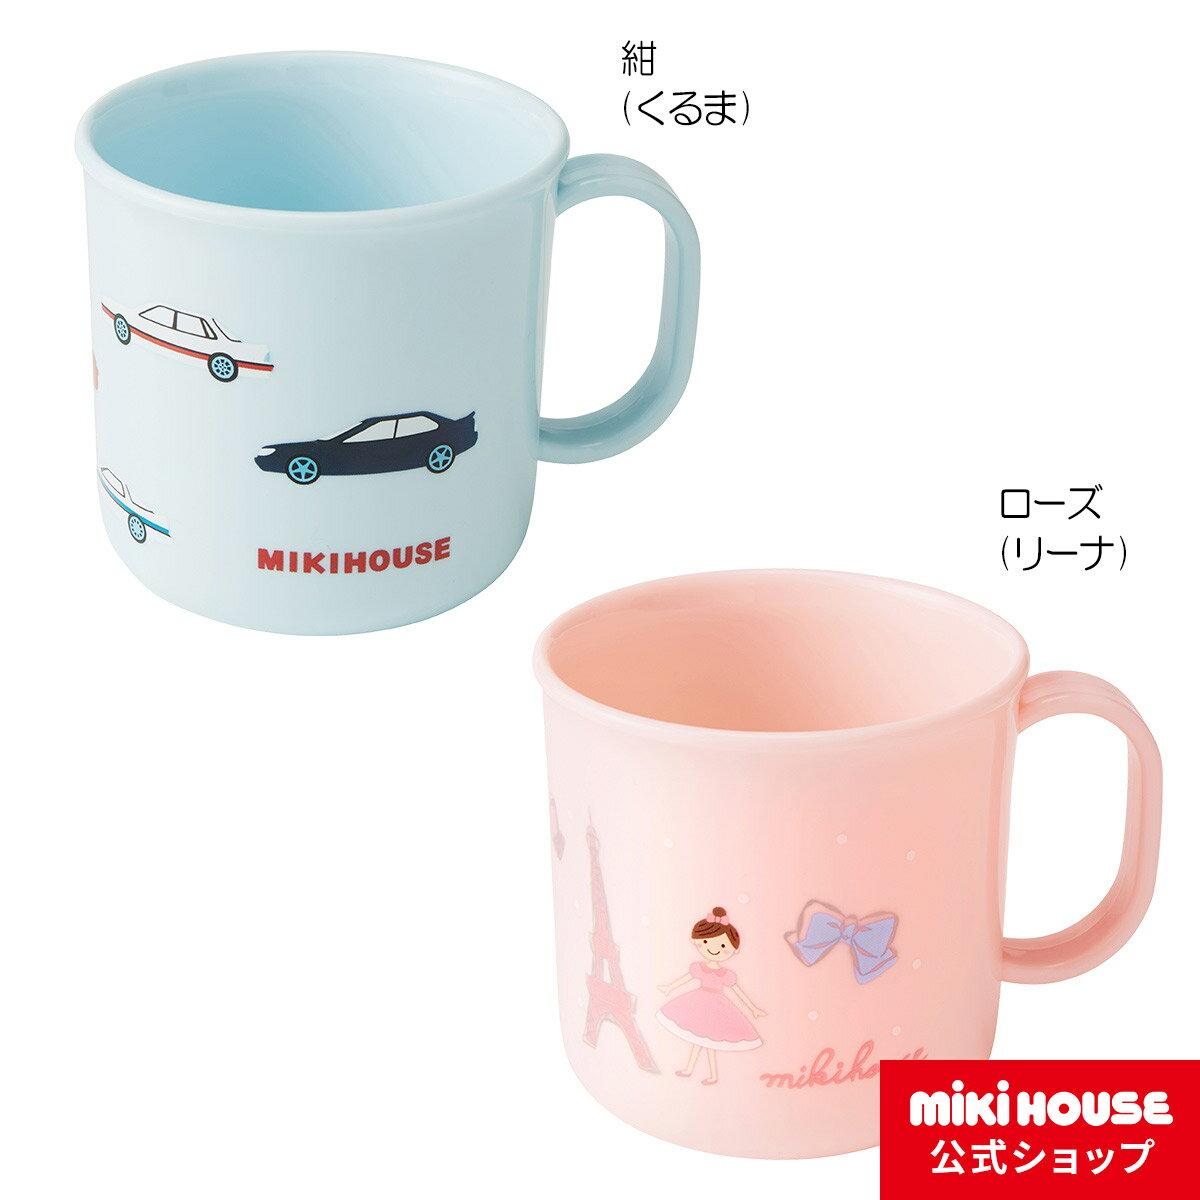 ミキハウス mikihouse コップ(200ml)